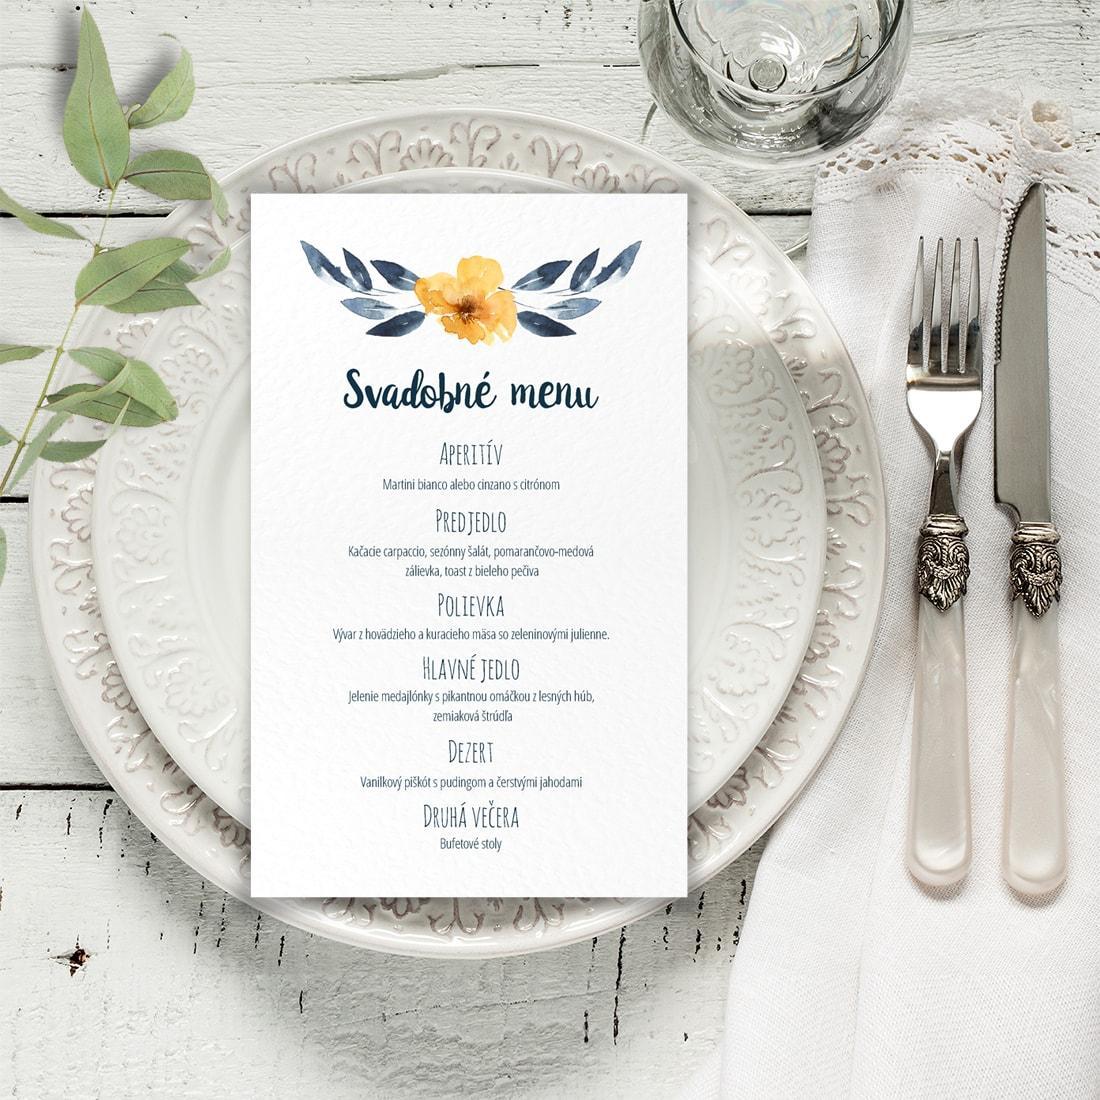 Svadobné menu - menu karta - Obrázok č. 4